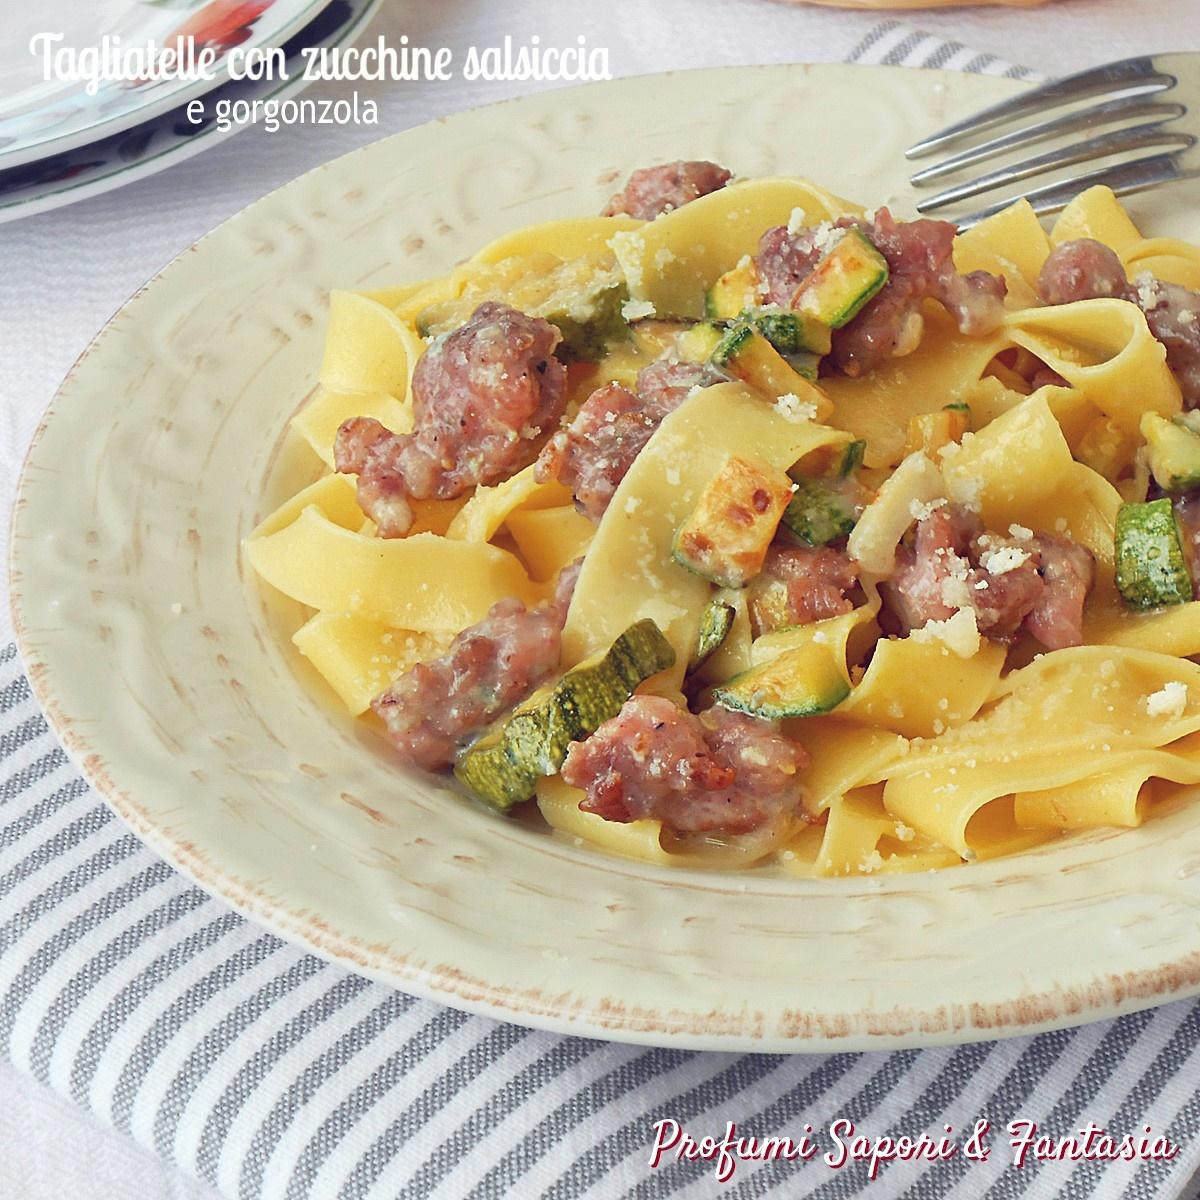 Tagliatelle con zucchine salsiccia e gorgonzola ok